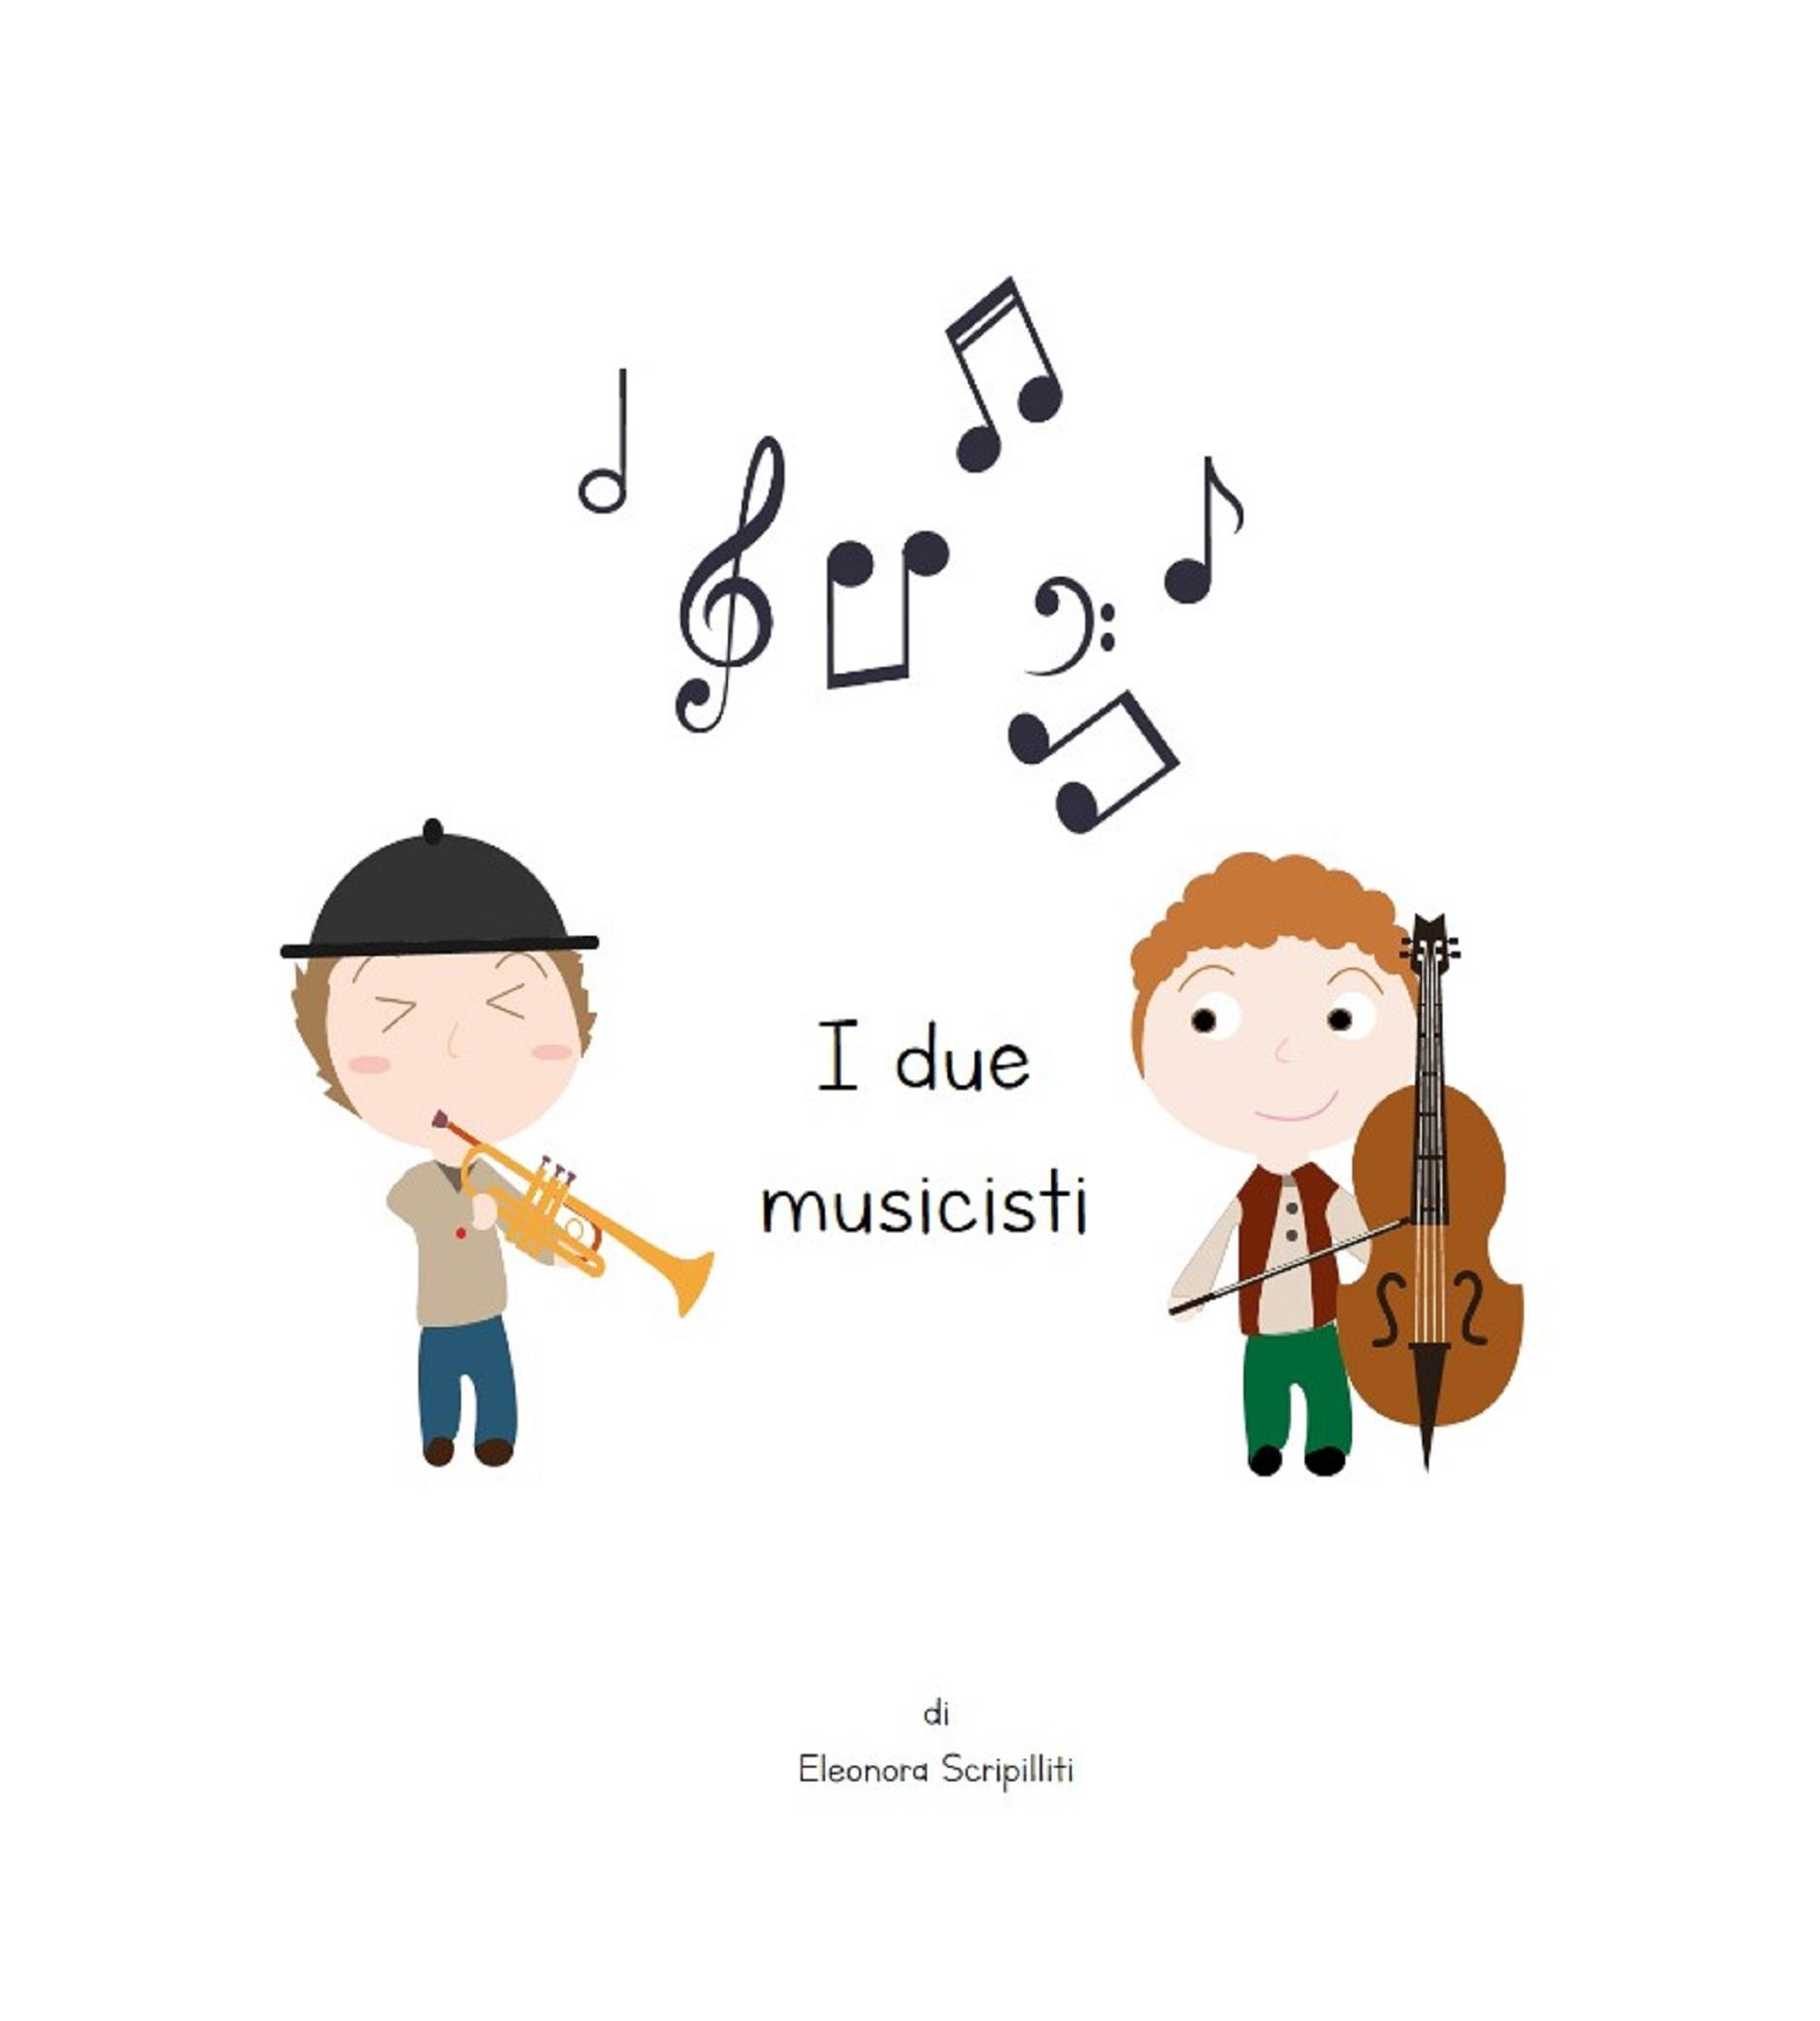 I due musicisti